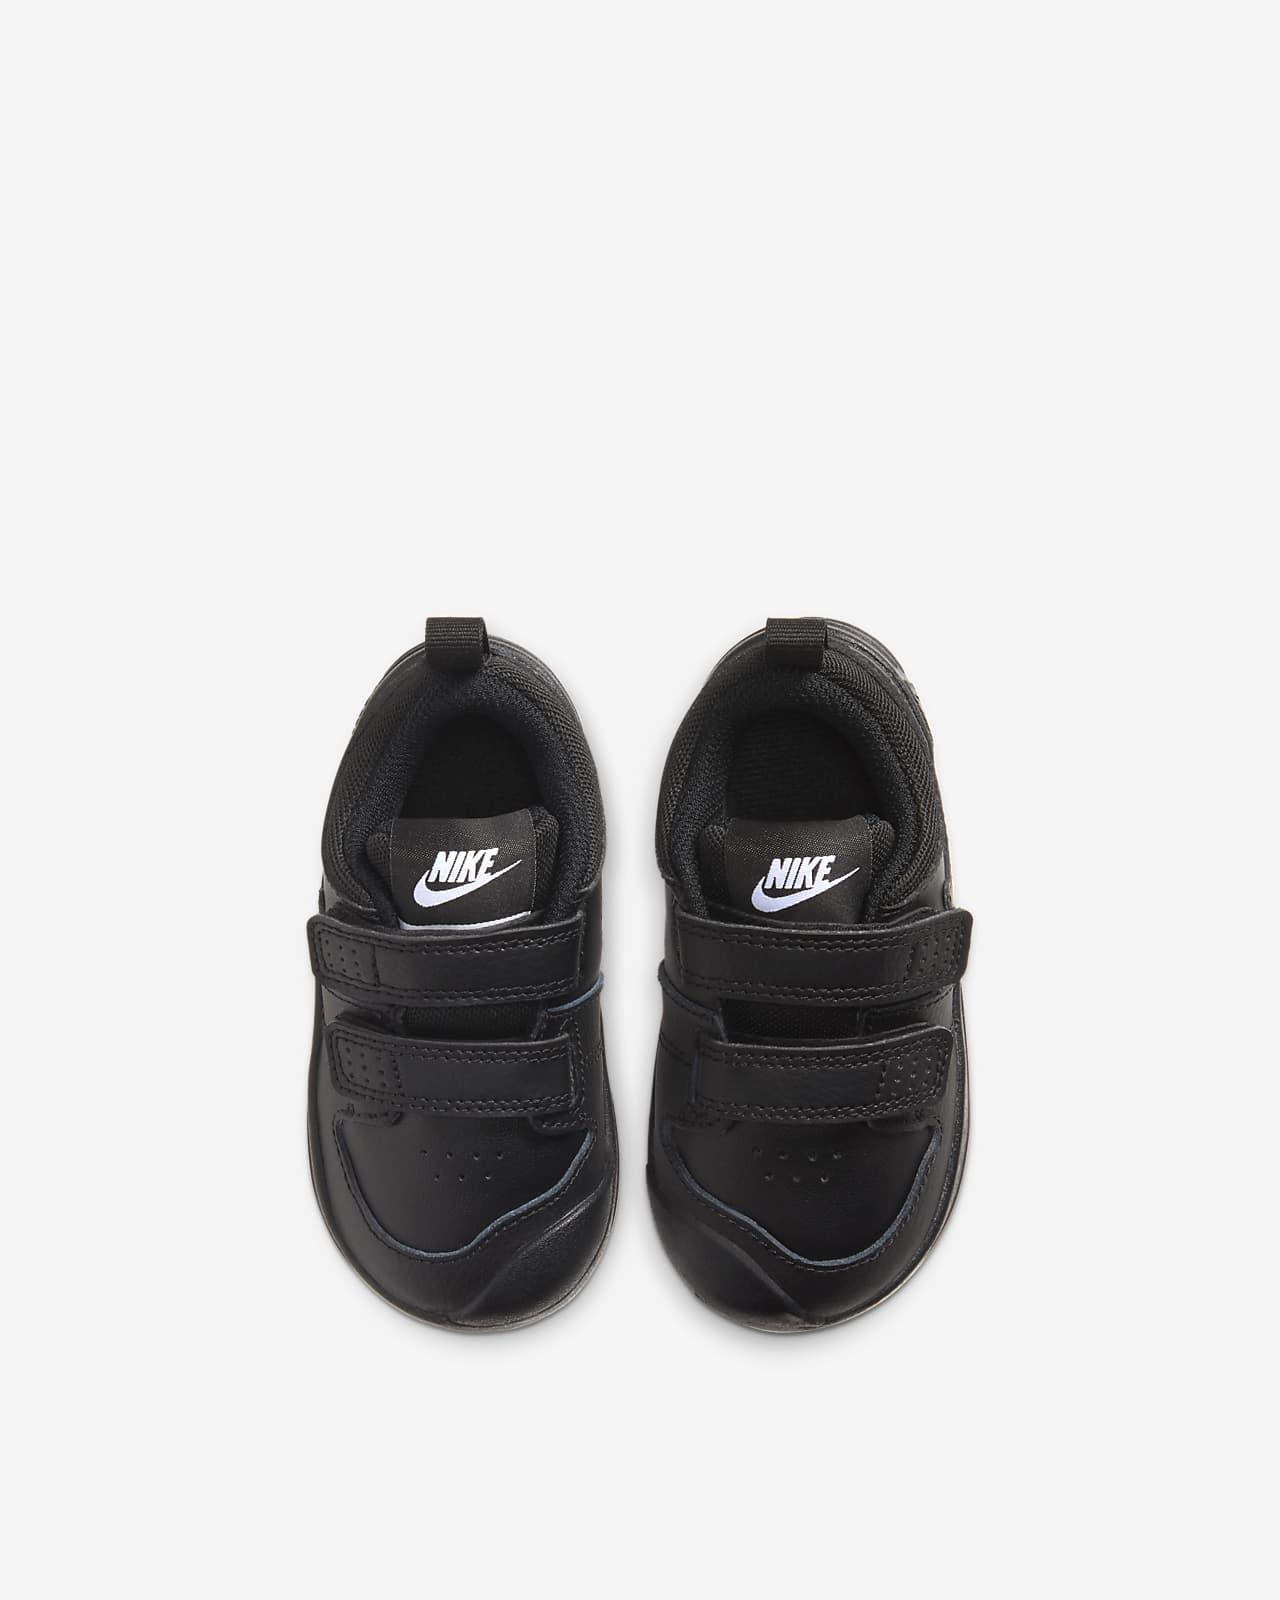 pueblo Circular Elasticidad  Calzado para bebé e infantil Nike Pico 5. Nike CL